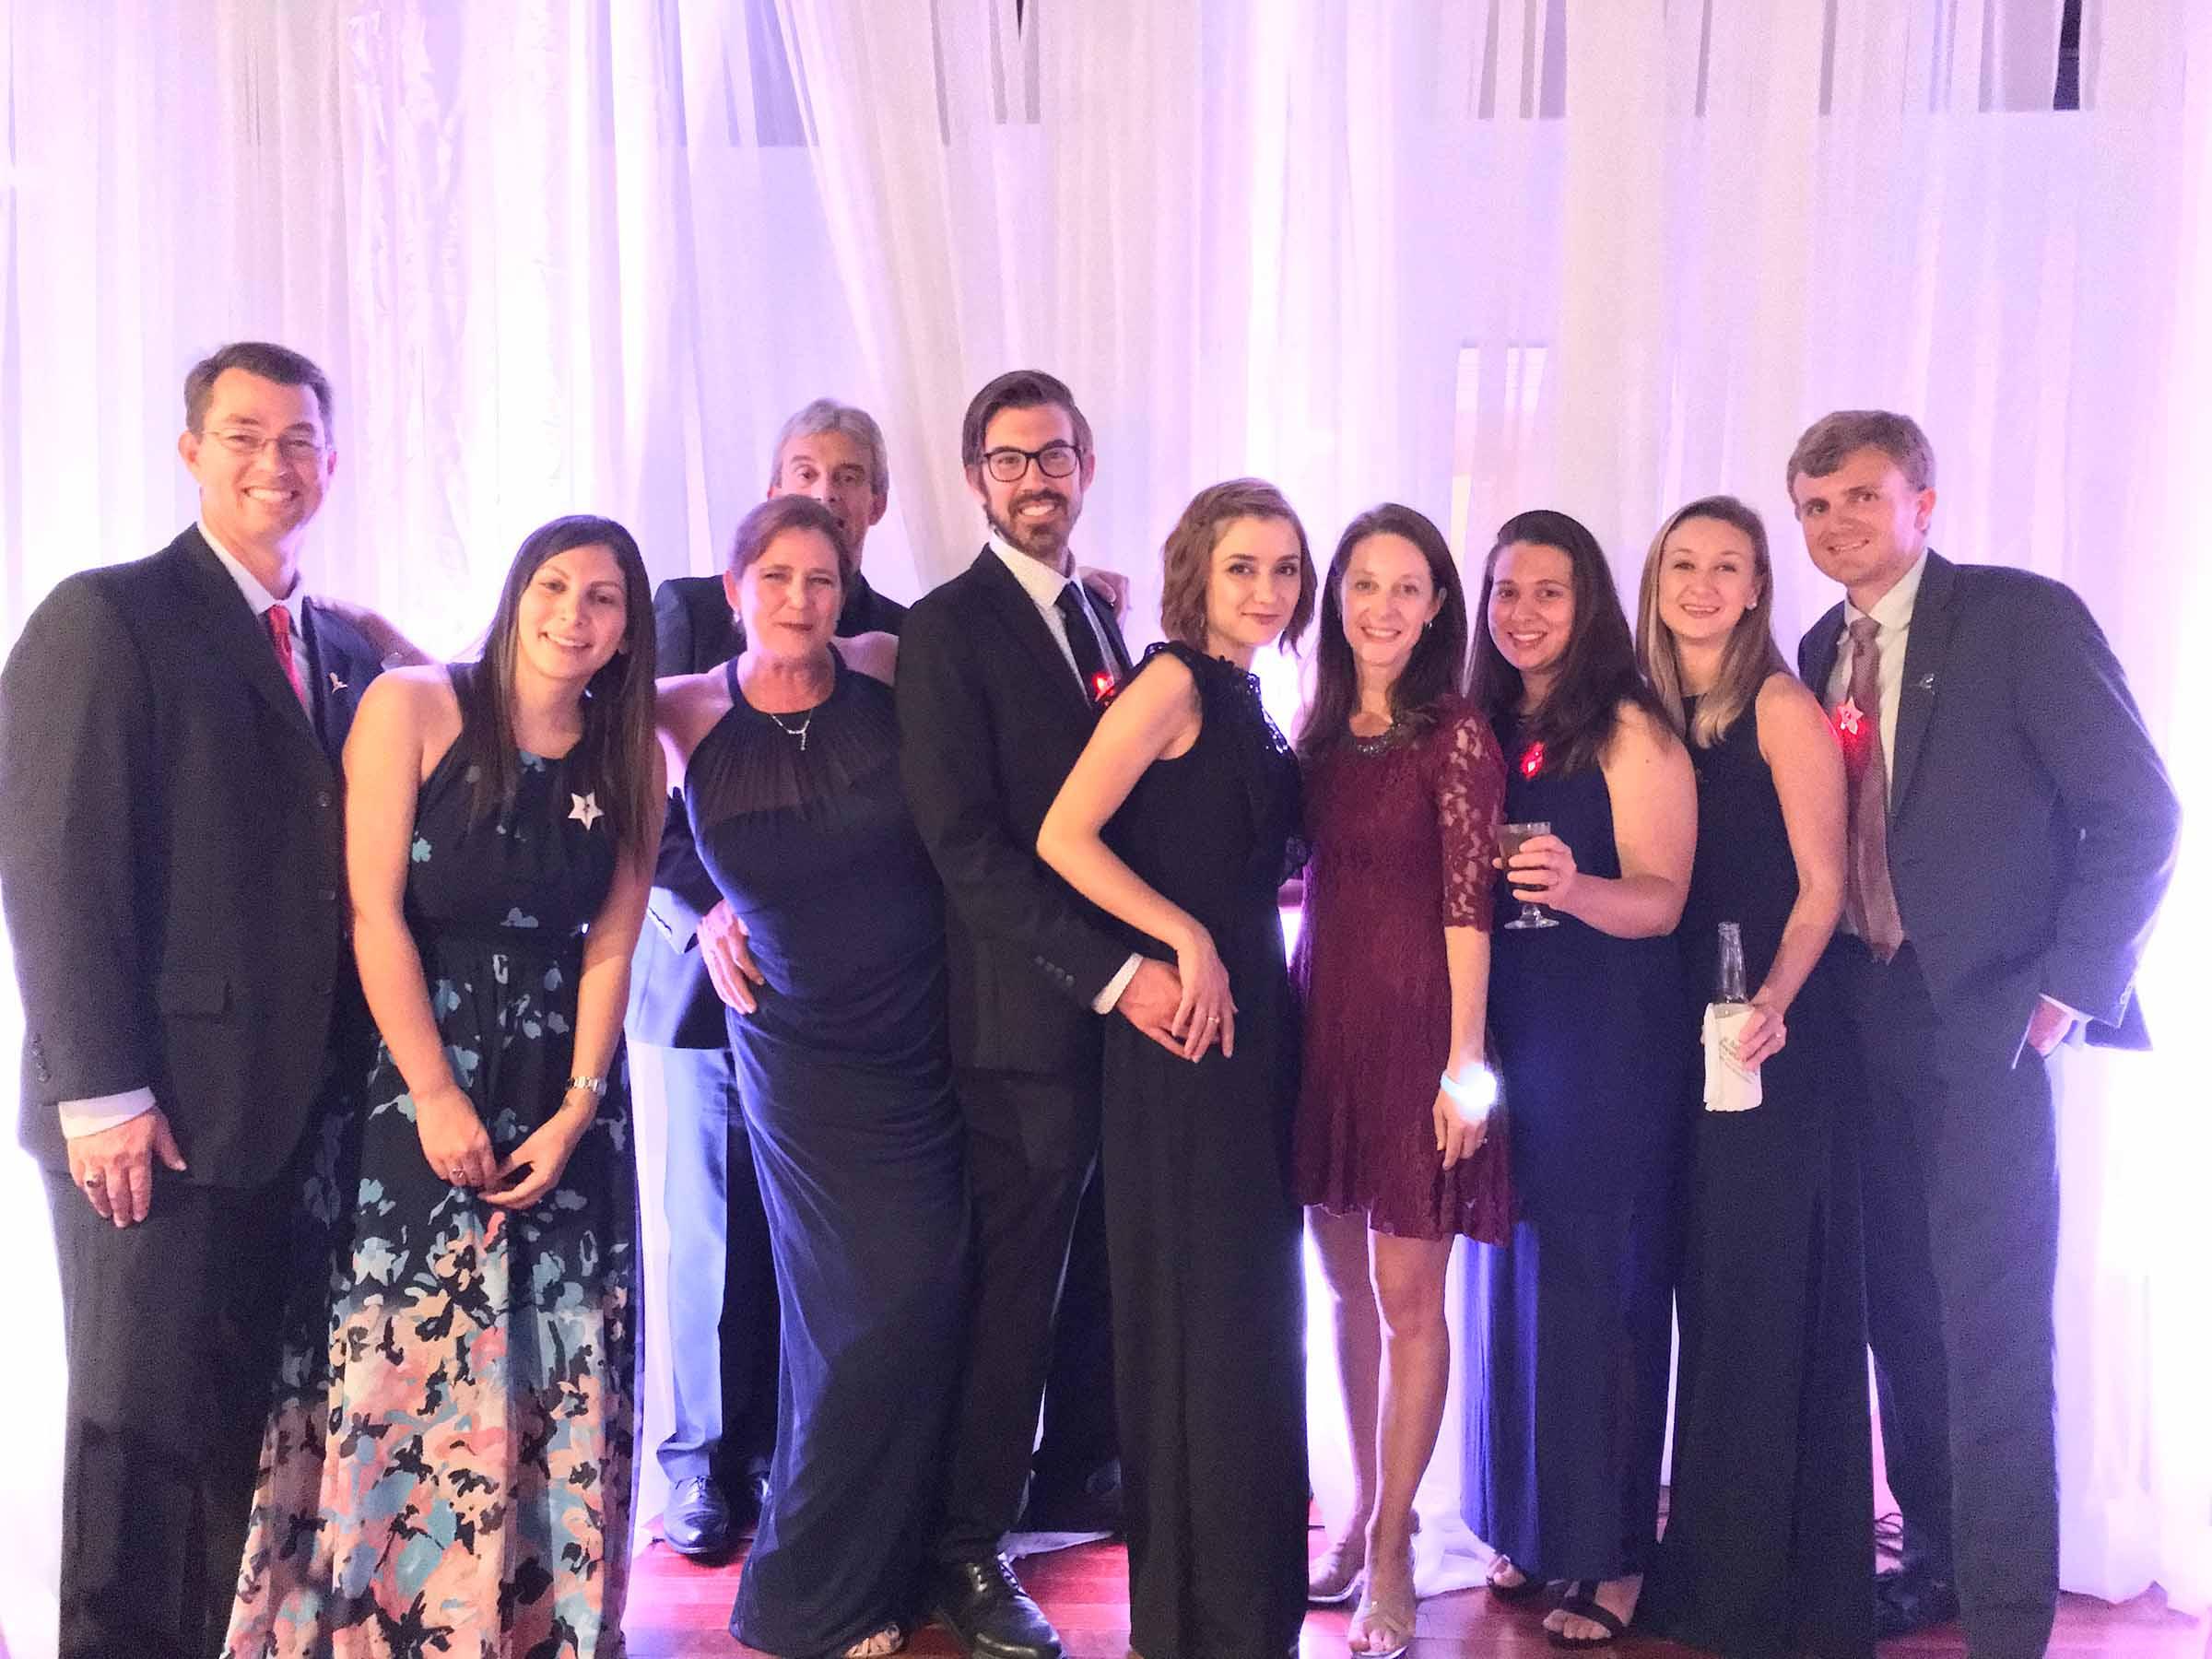 Ten team members smiling in formal dress at the Matthews Design Group formal.